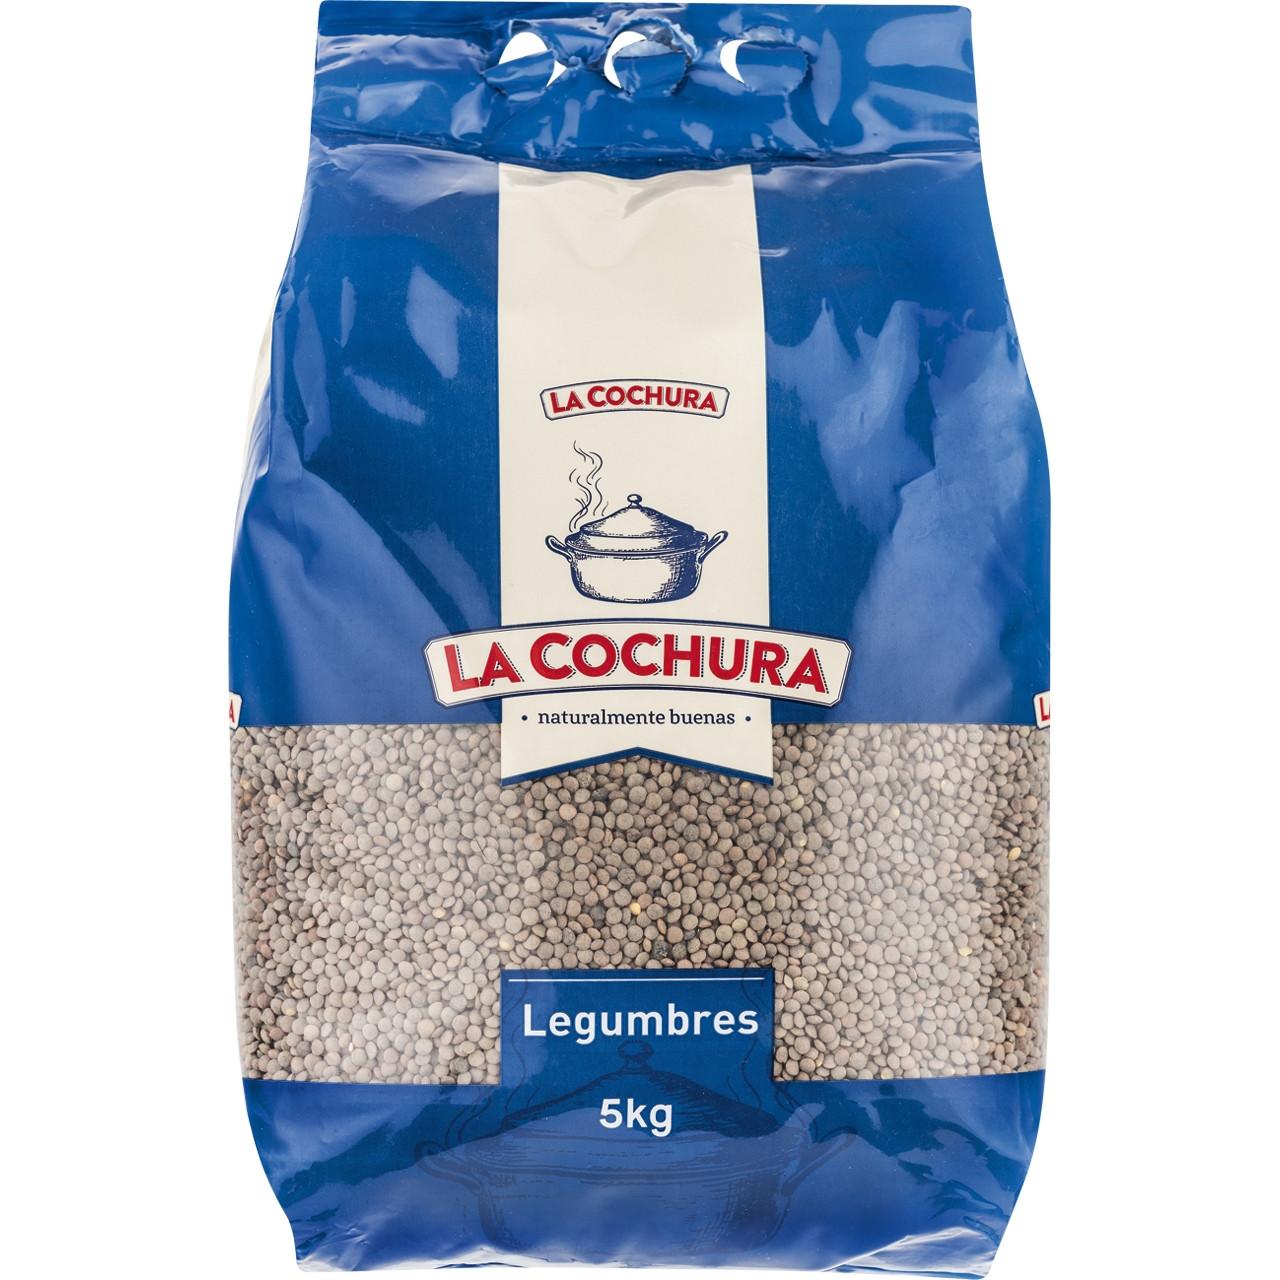 Llentia pardina La Cochura